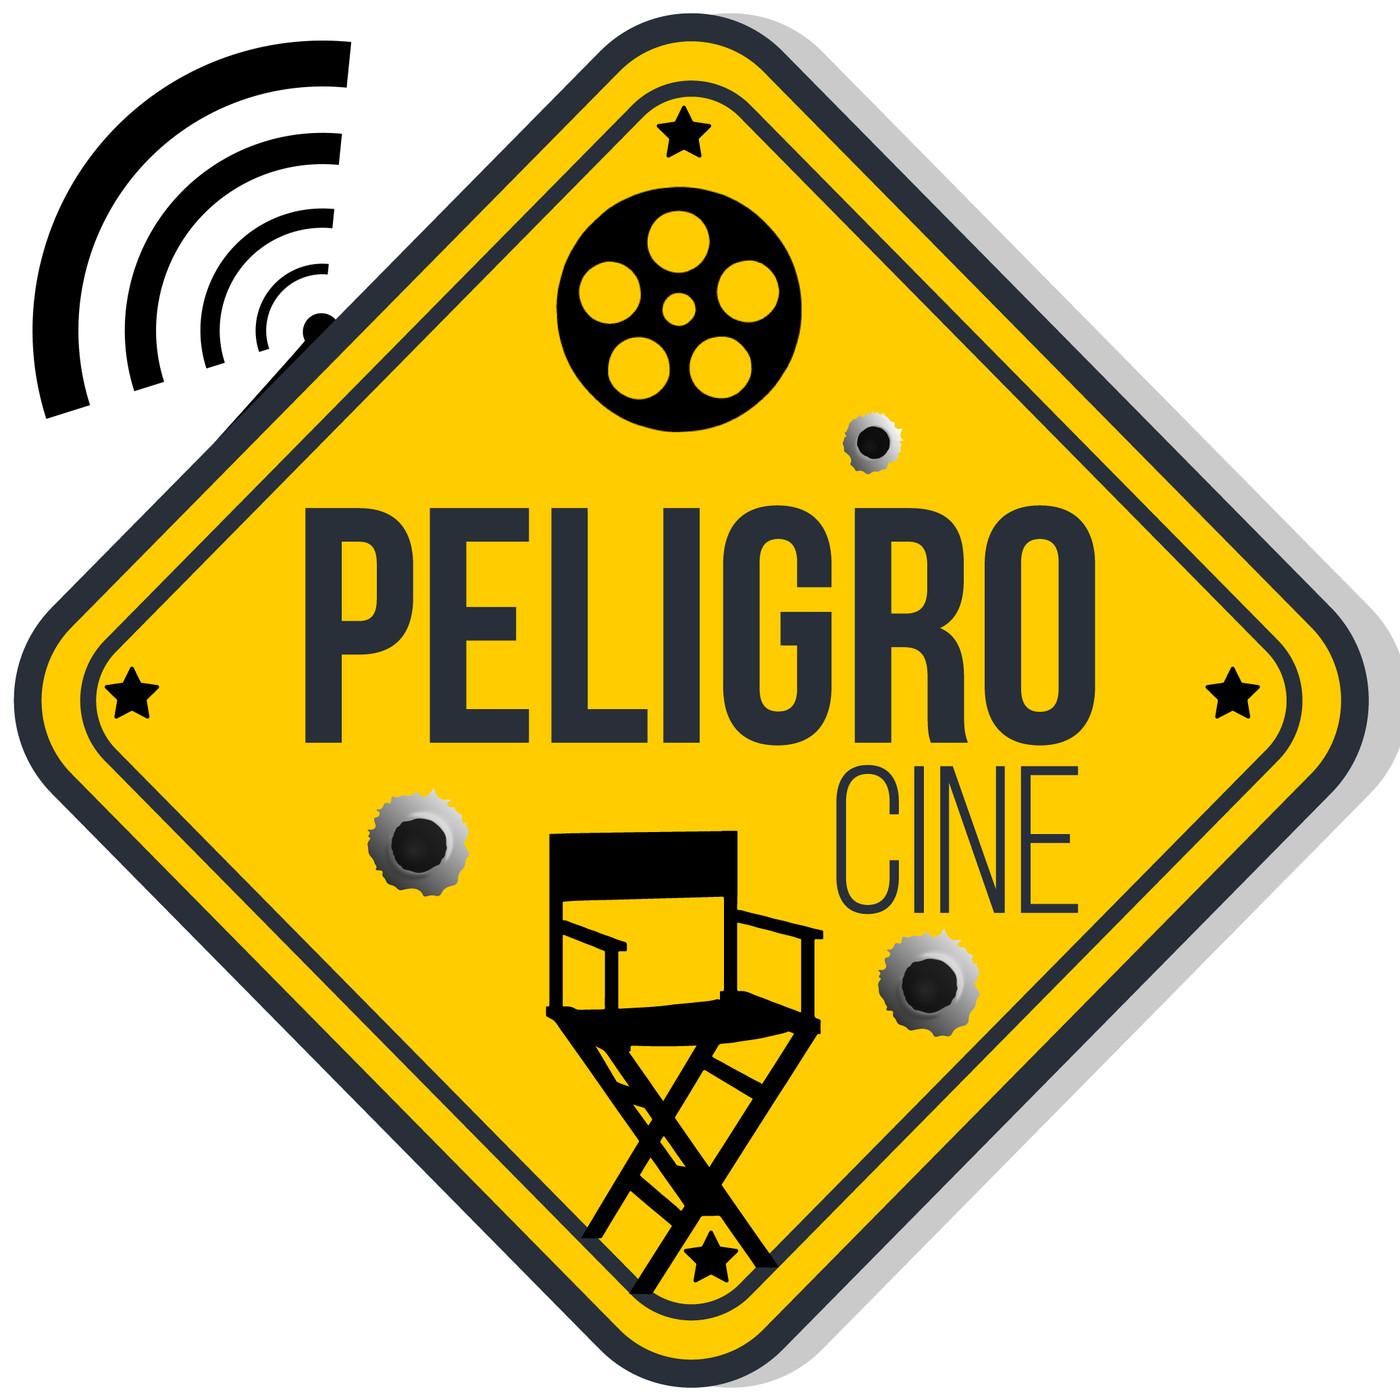 Peligro, Cine 2x06 - Cine de Animación - Soul - Rick & Morty - Hayao Miyazaki - Disney